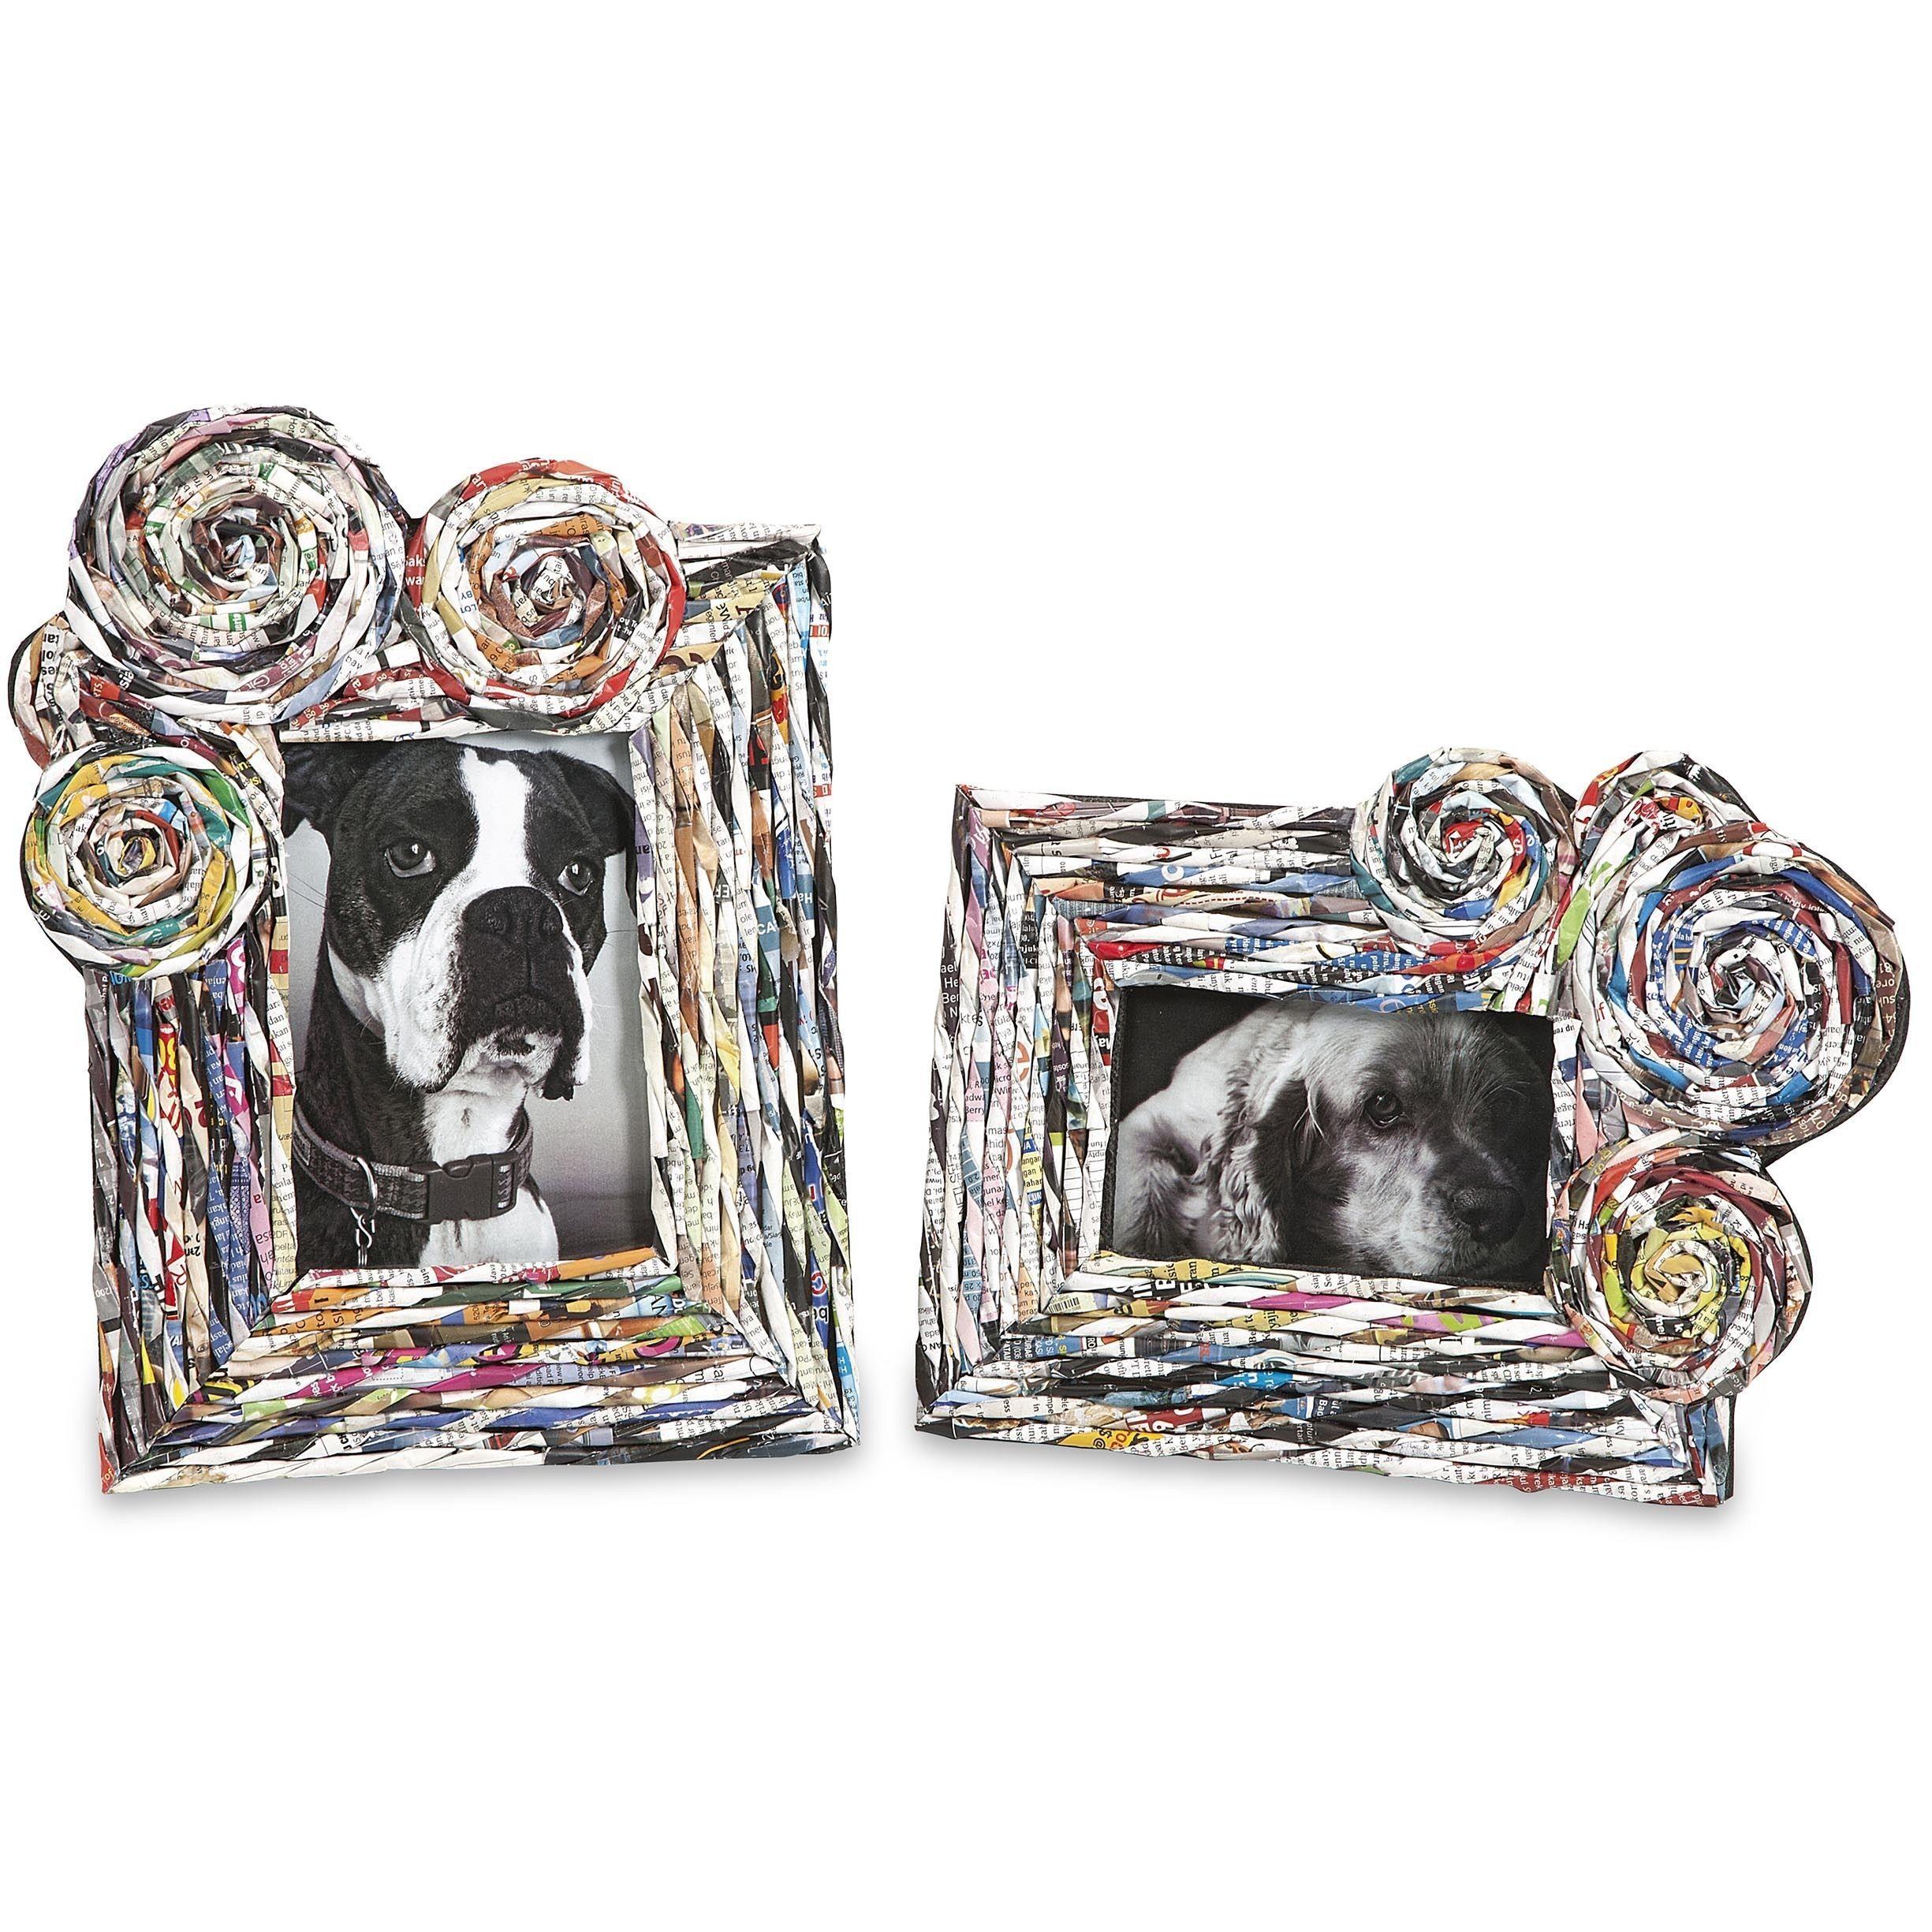 Anise Recycled Magazine Photo Frames (Set of 2) | Recycled magazines ...